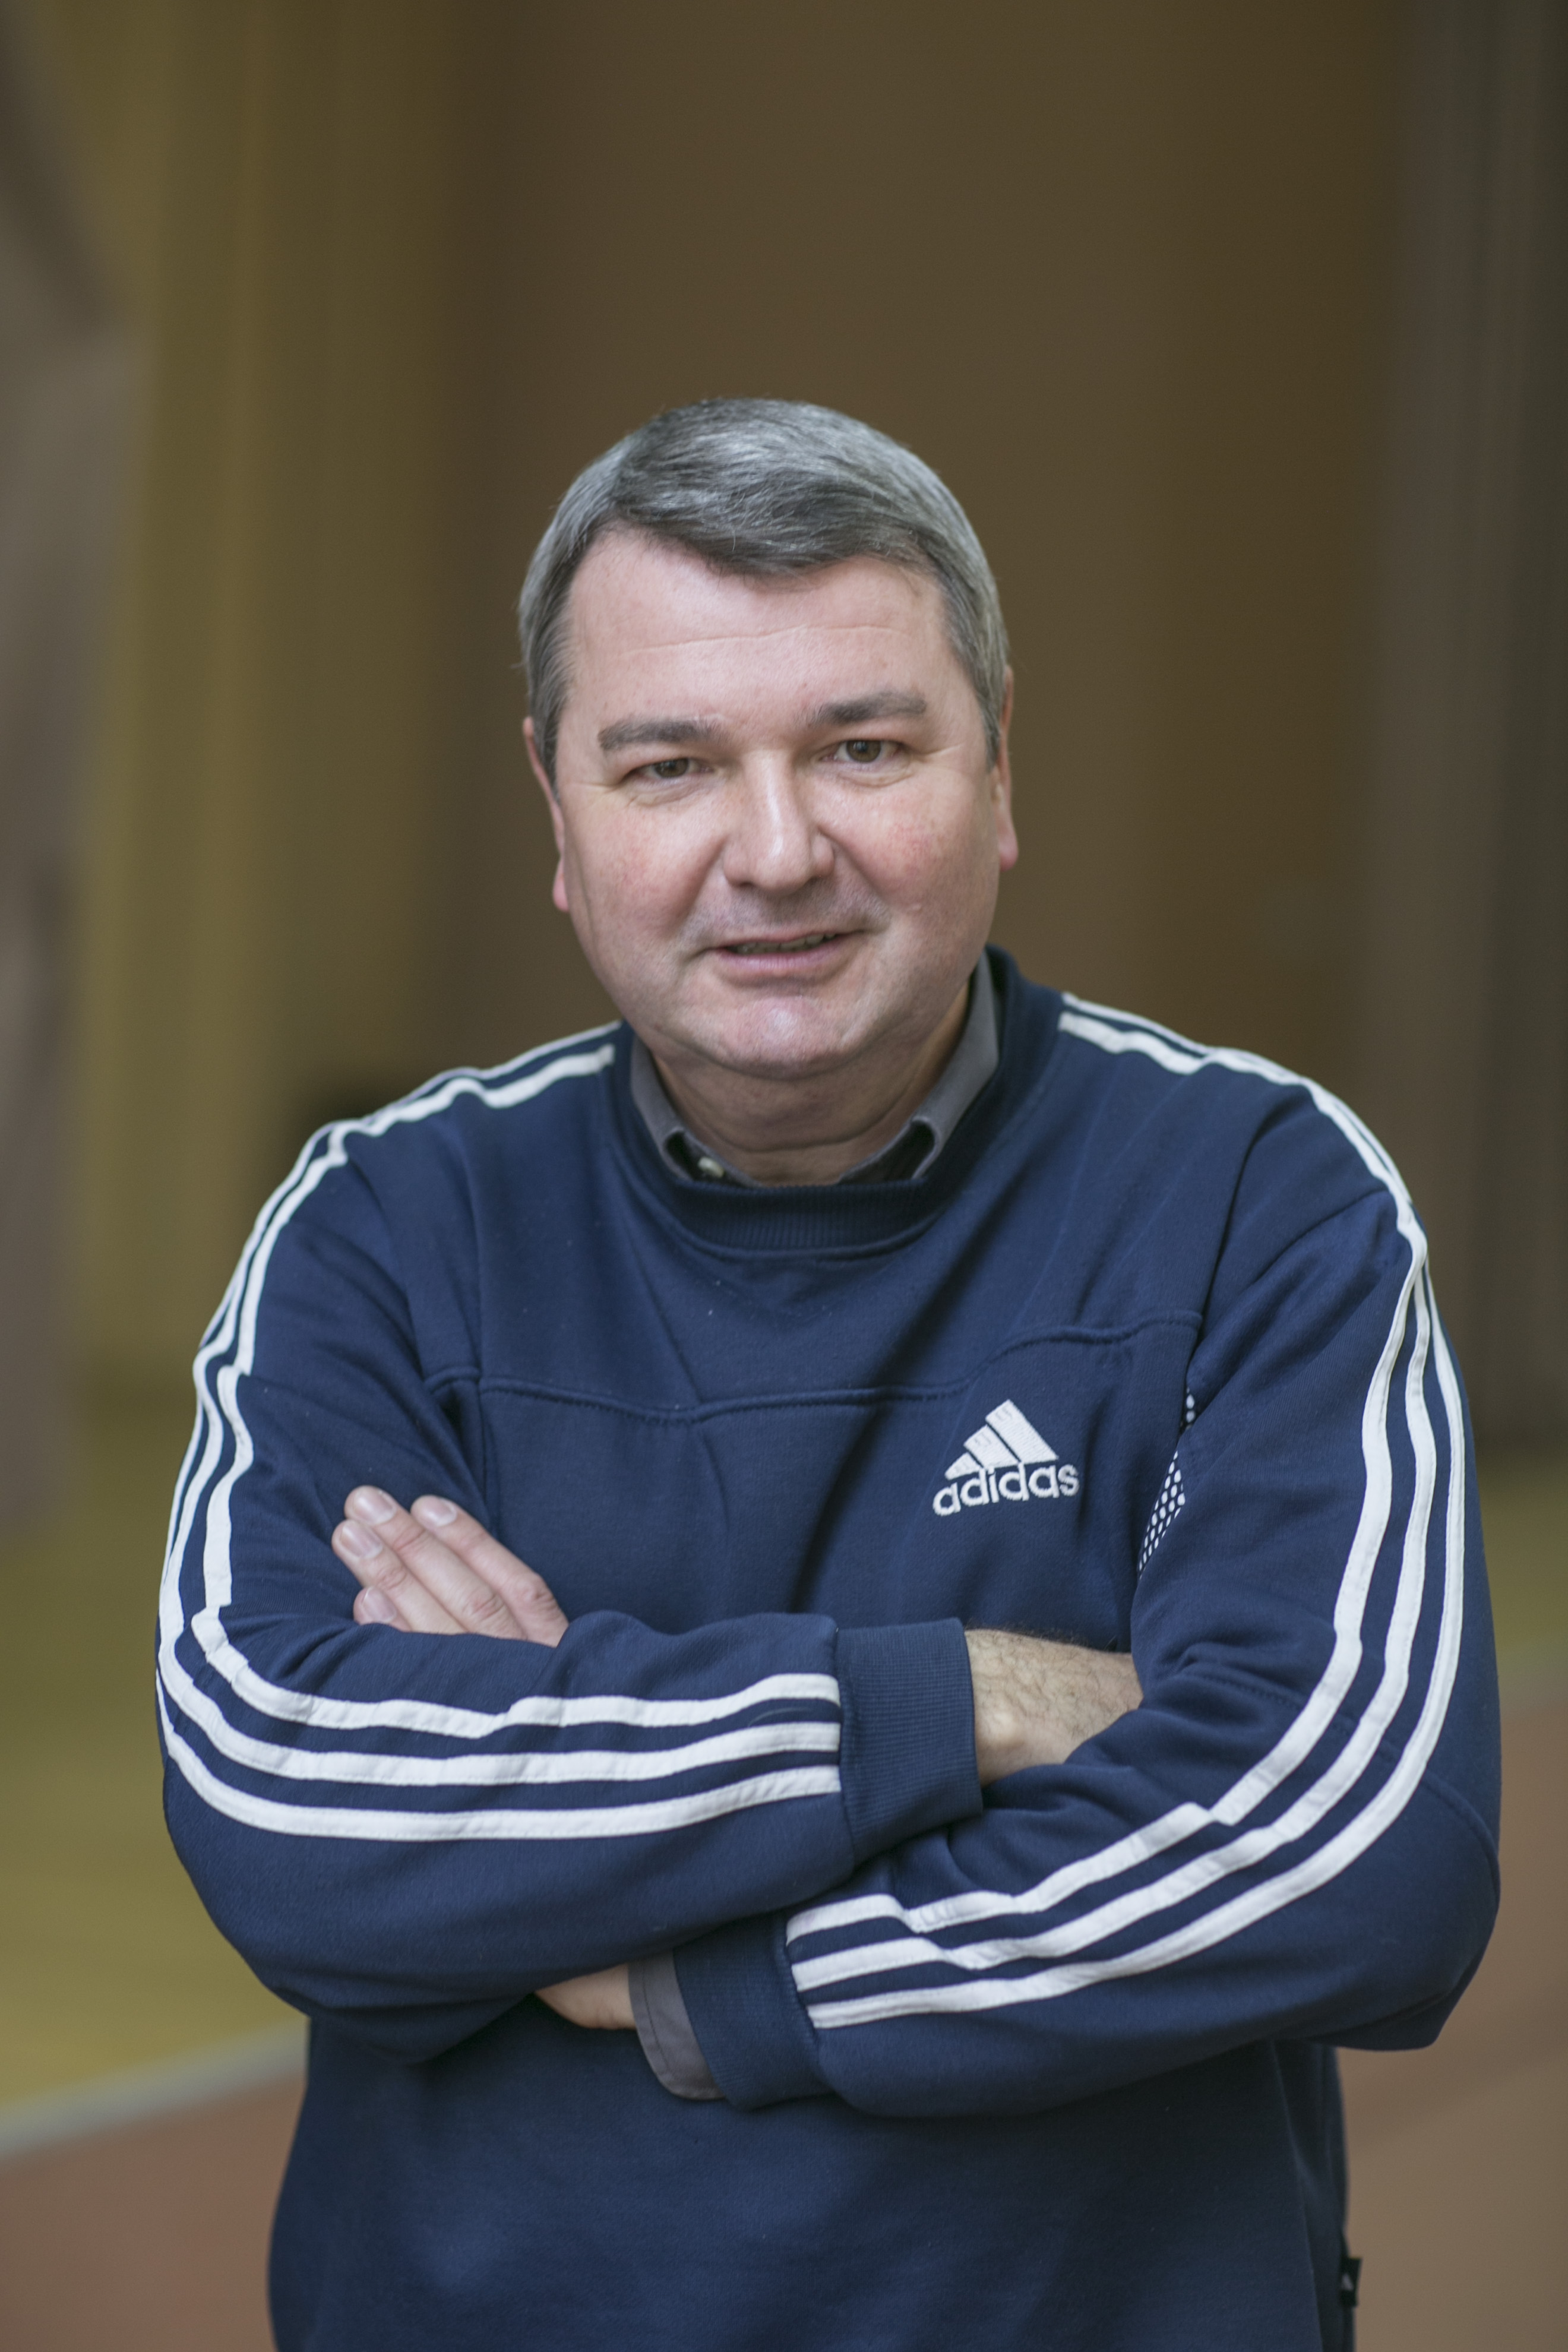 Приятель Андрій Володимирович